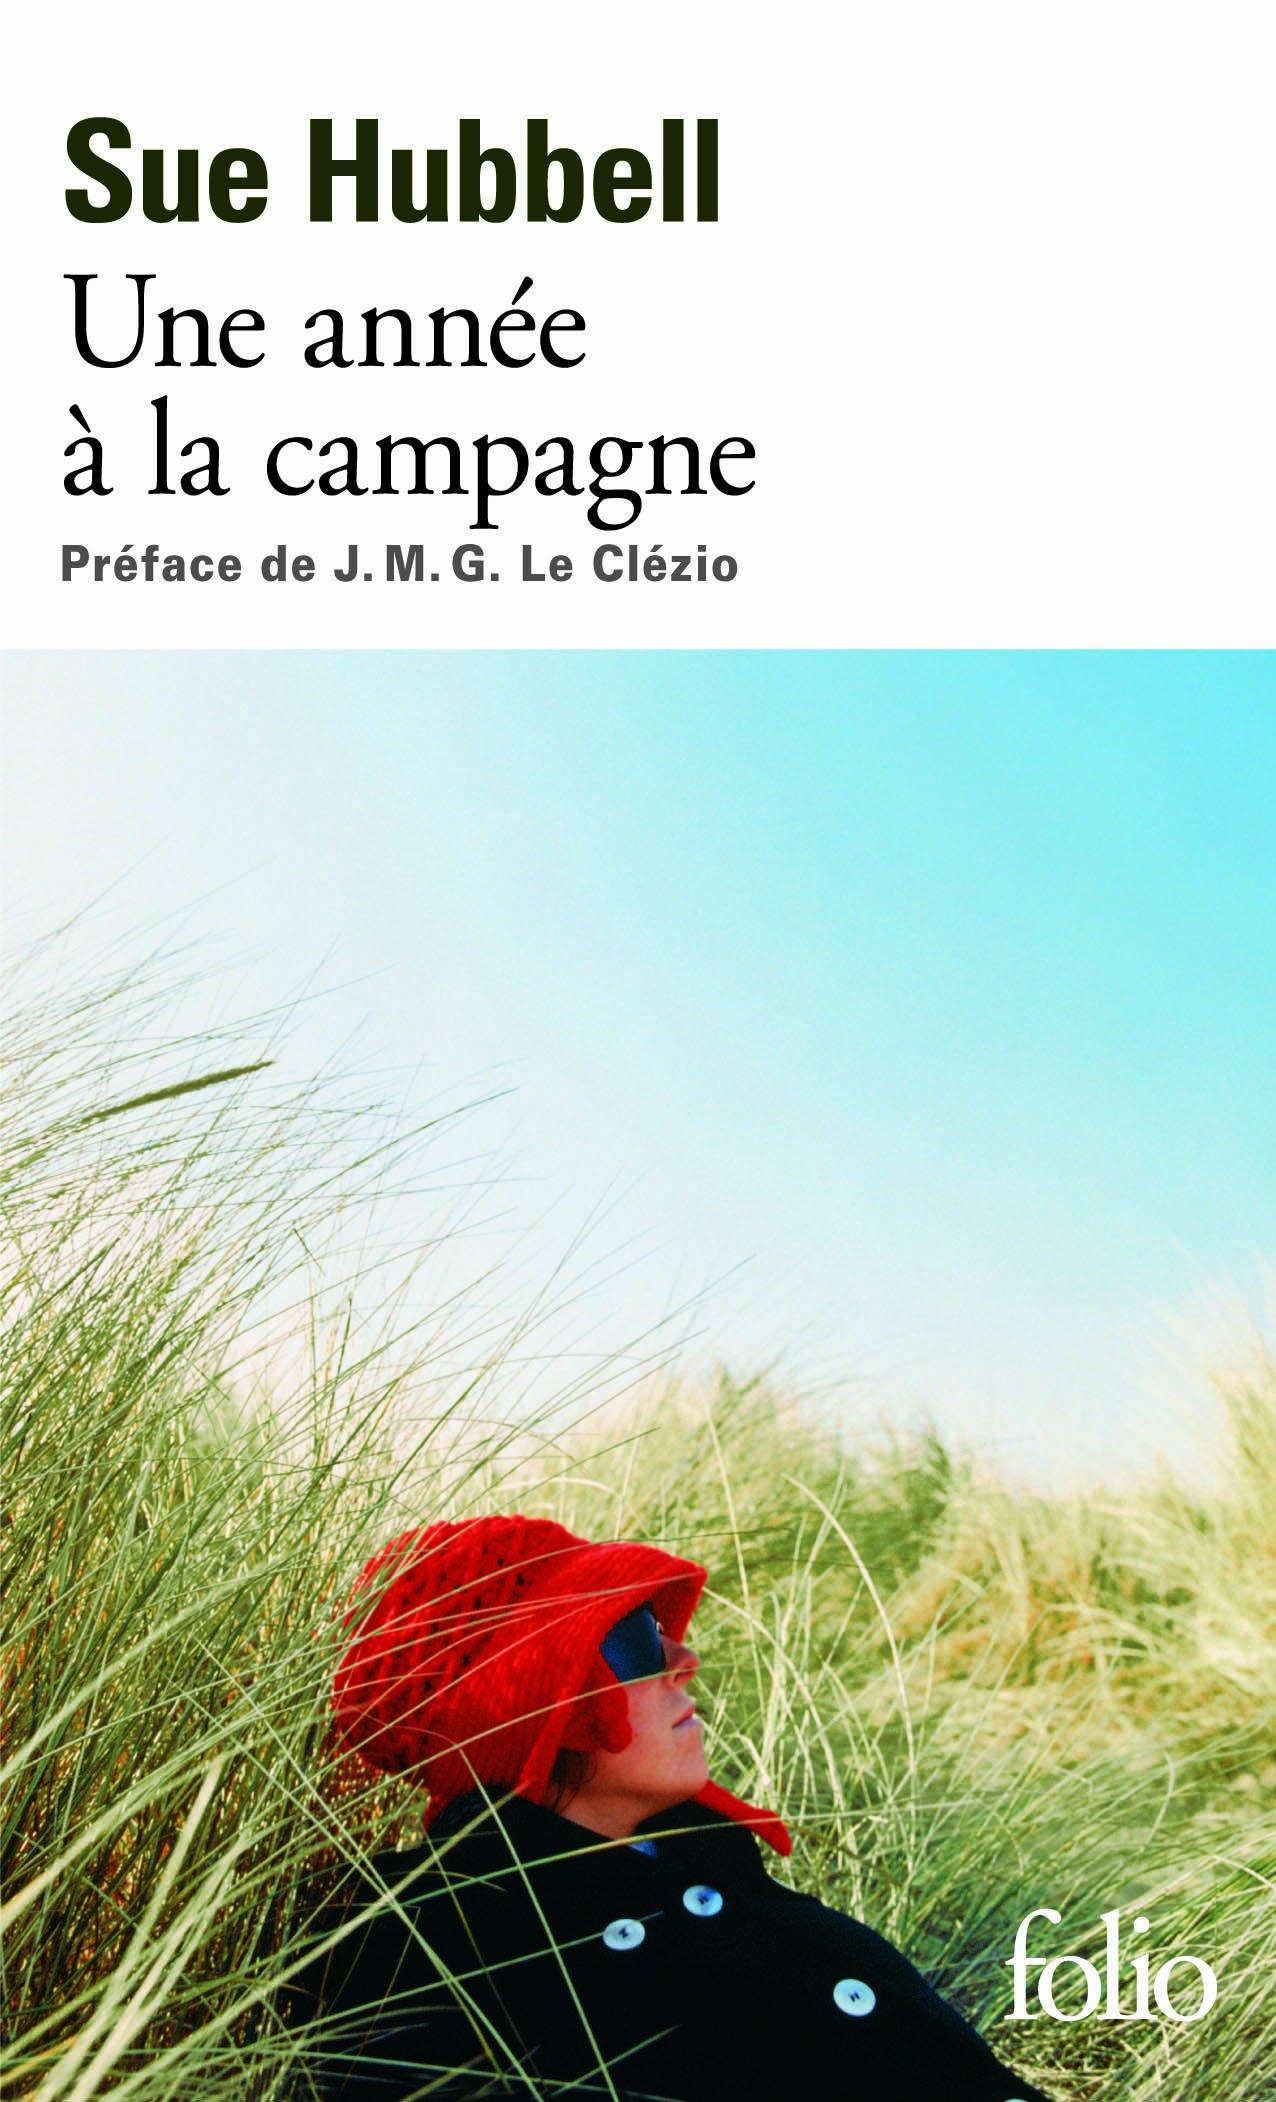 Amazon.fr - Une année à la campagne: Vivre les questions - Sue Hubbell,  Janine Hérisson, J.M.G. Le Clézio, J. M. G. Le Clézio, Janine Hérisson -  Livres